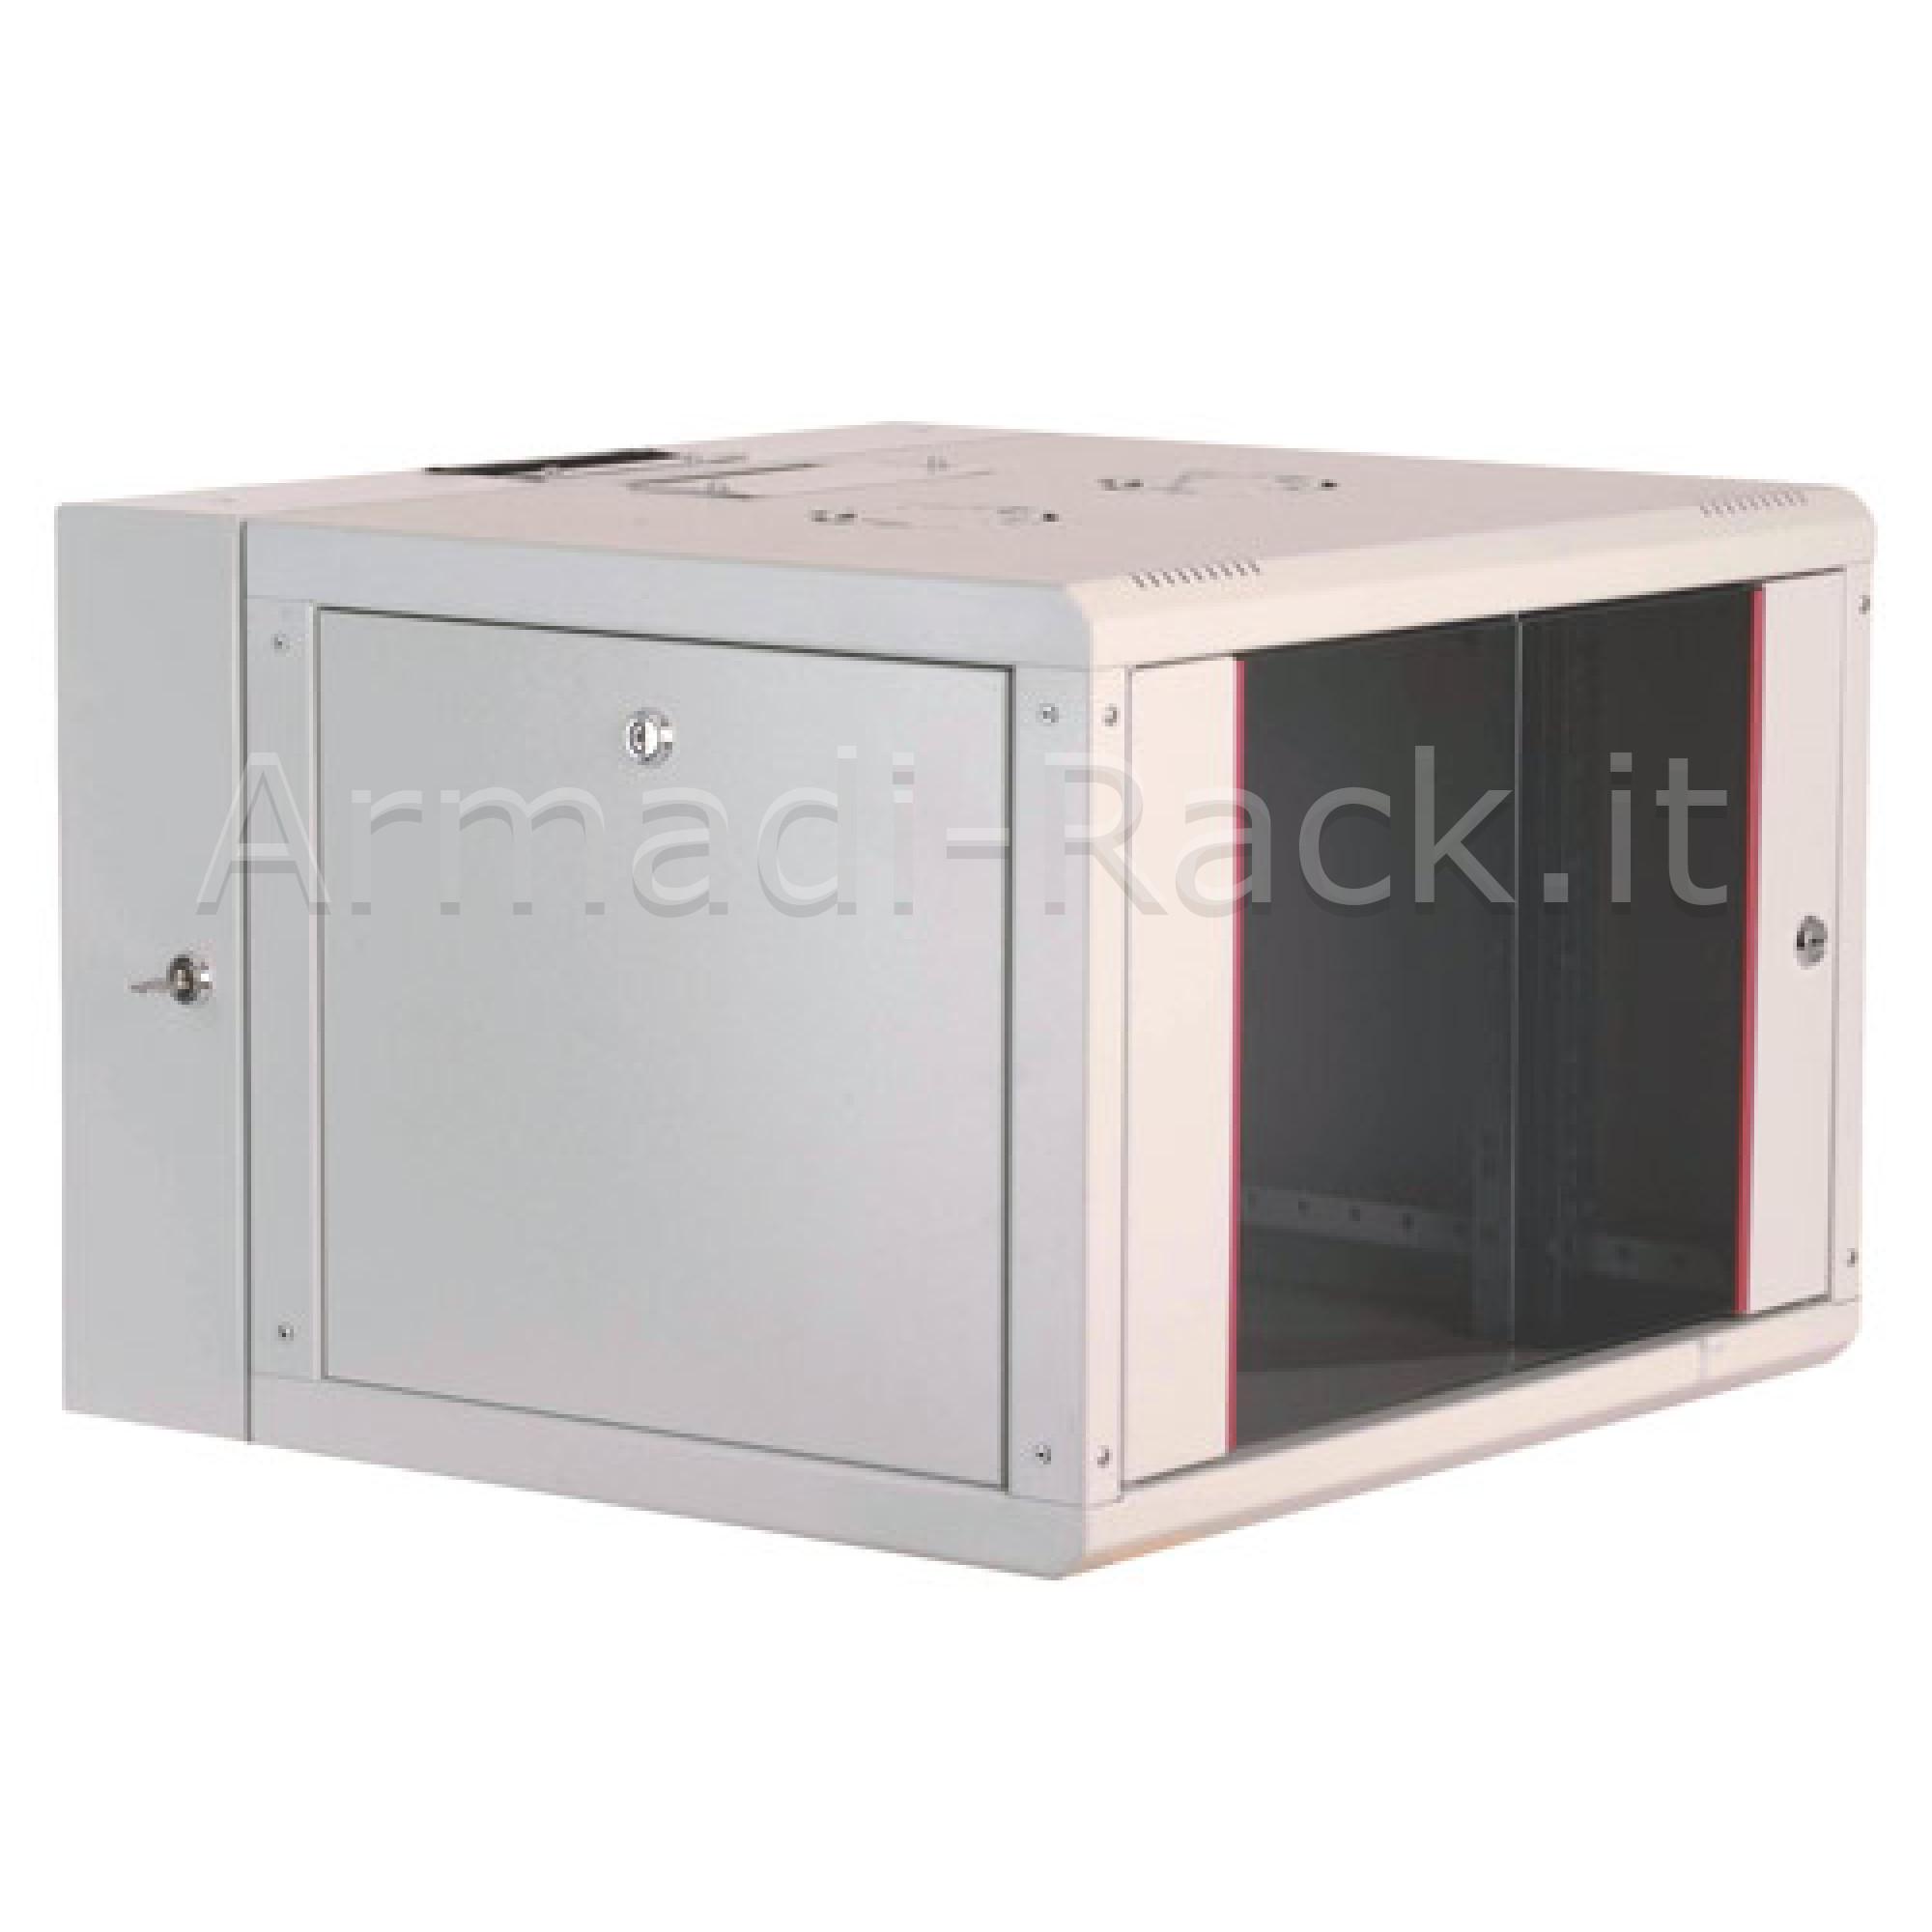 Armadio rack 9 unità da muro linea soho (a) 509 x (l) 600 x (p) 600 mm. con doppia sezione colore grigio chiaro ral 7035